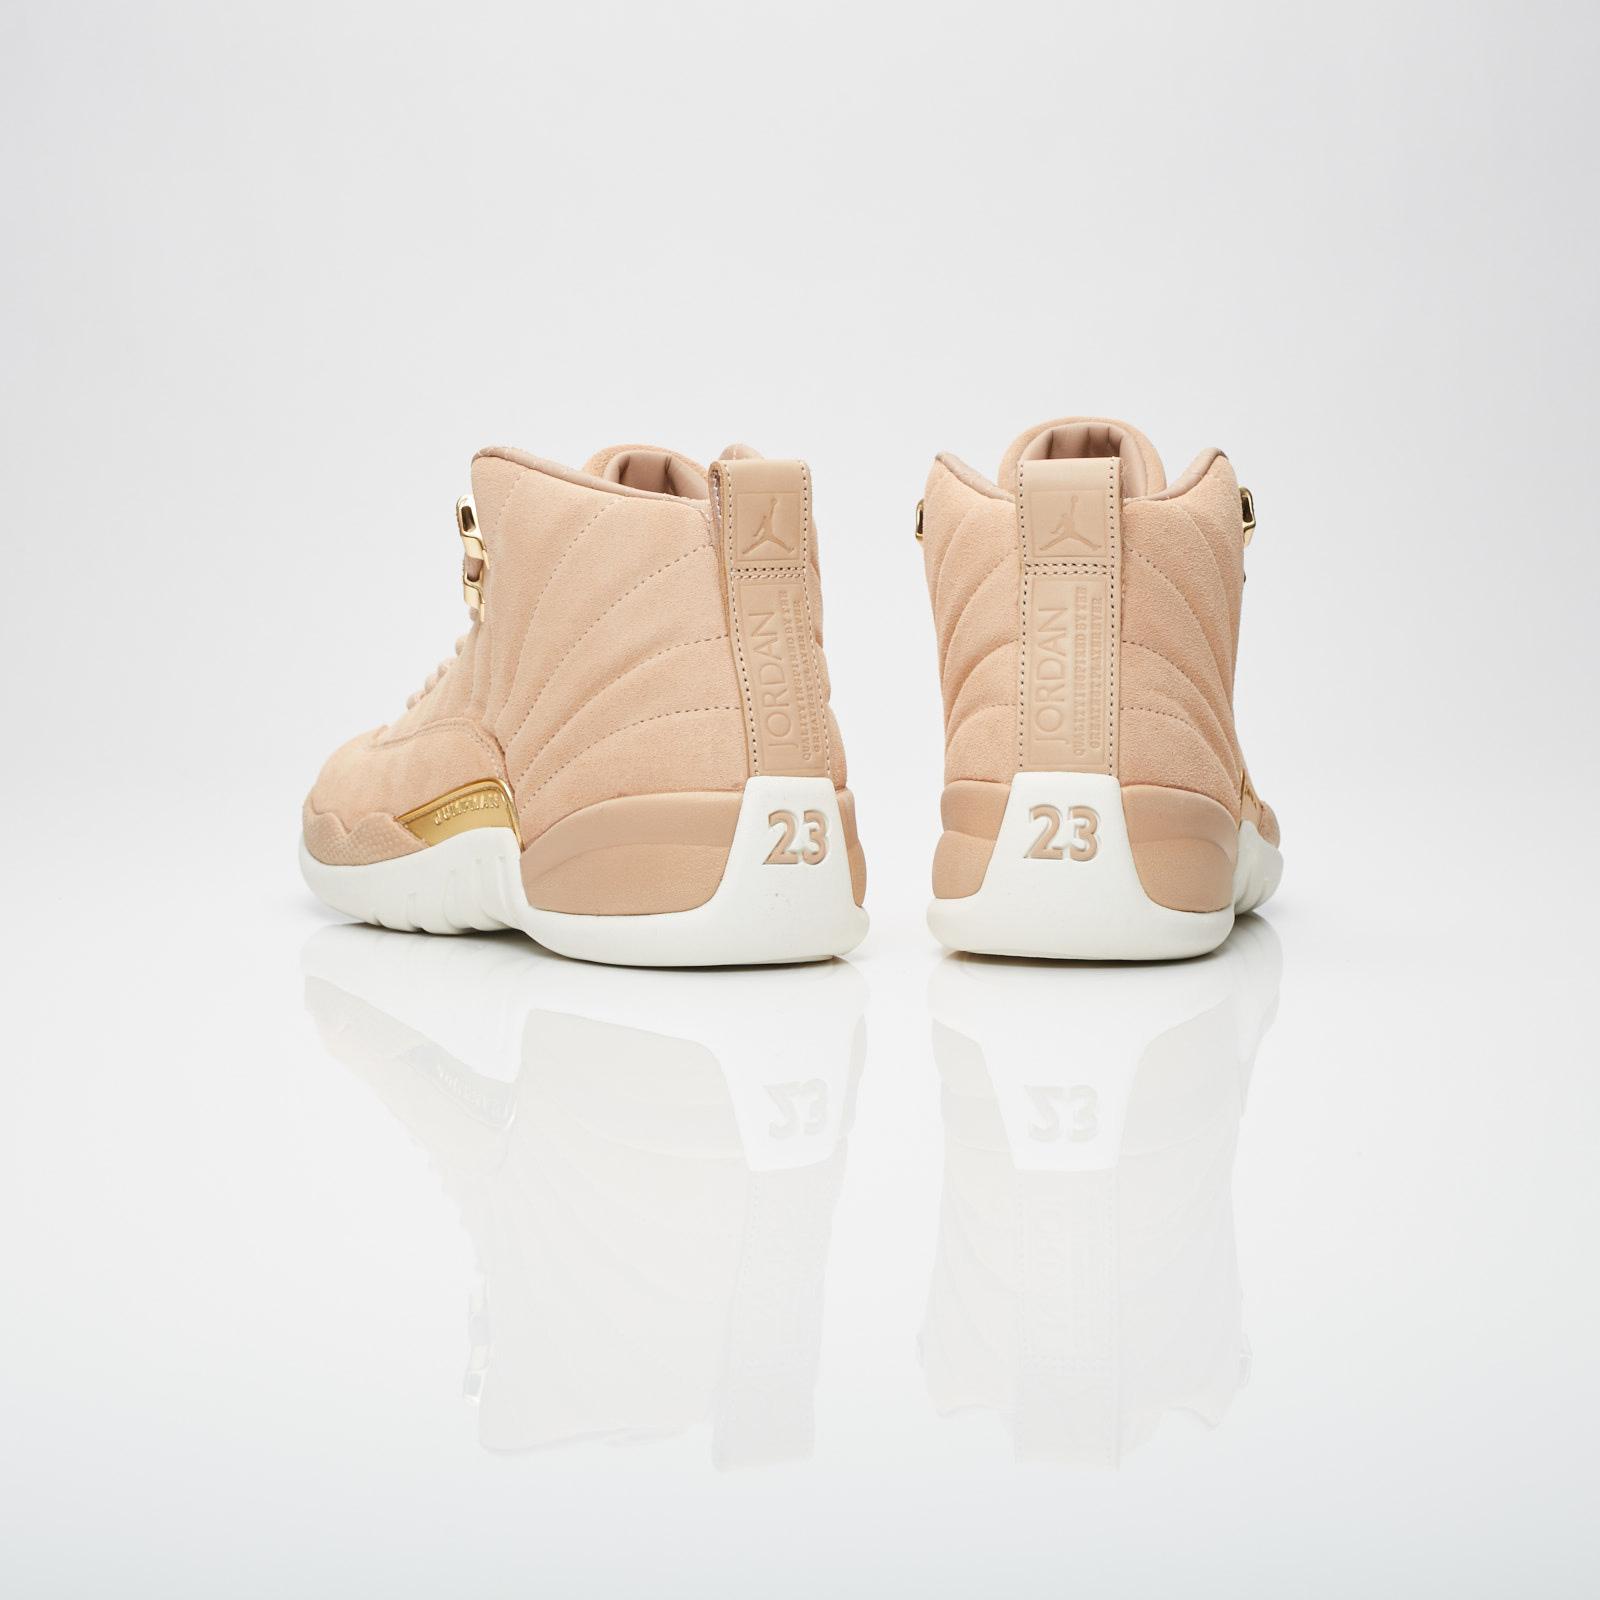 sports shoes aaddc a2d9b Jordan Brand Wmns Air Jordan 12 Retro - Ao6068-203 ...